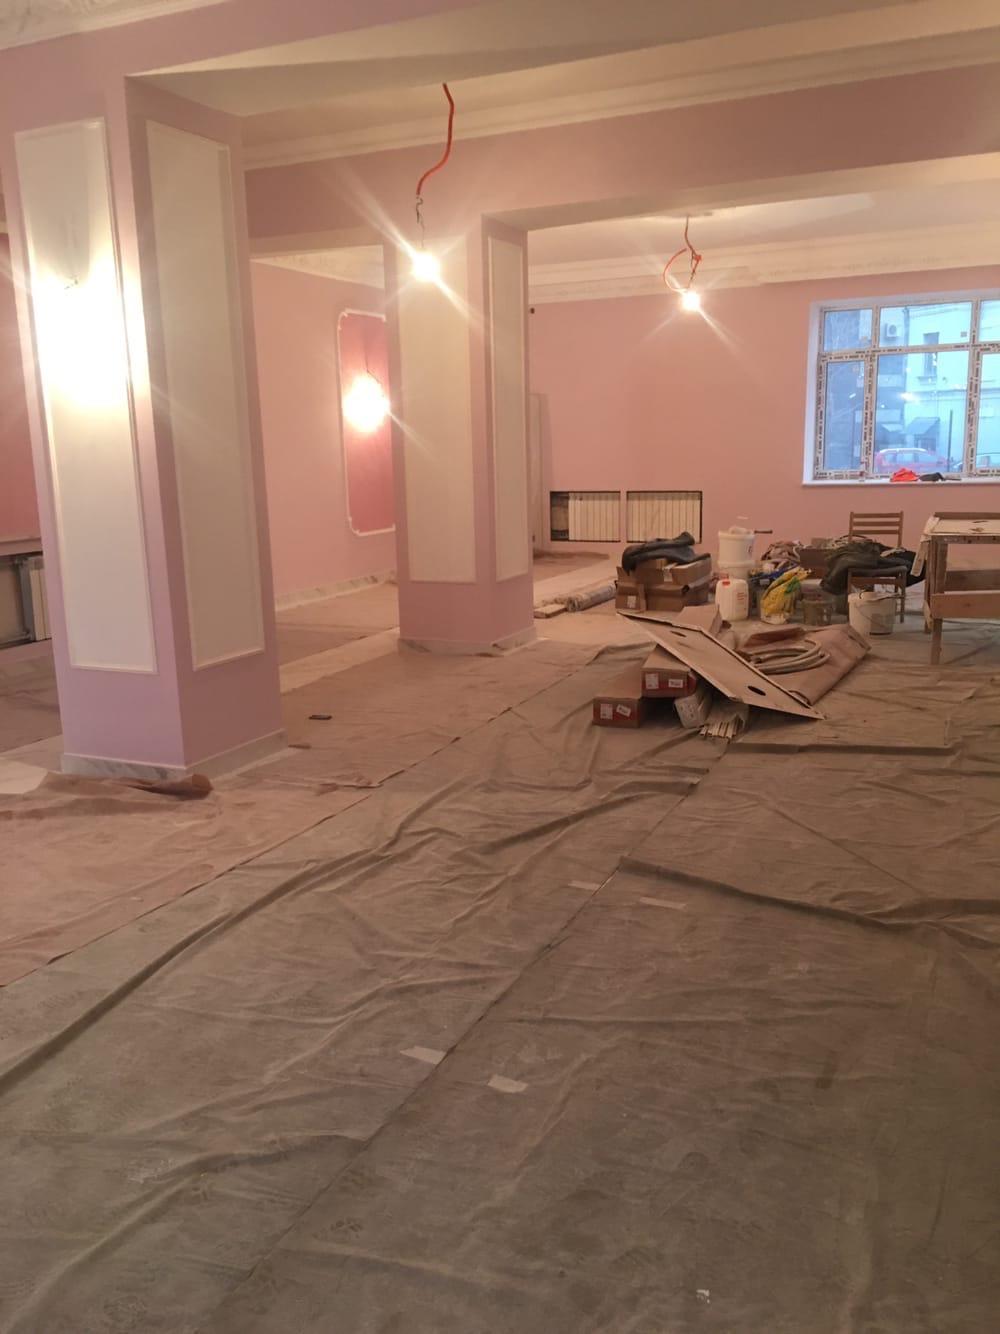 Опубликованы фото внутреннего ремонта нового Дворца бракосочетания в Твери